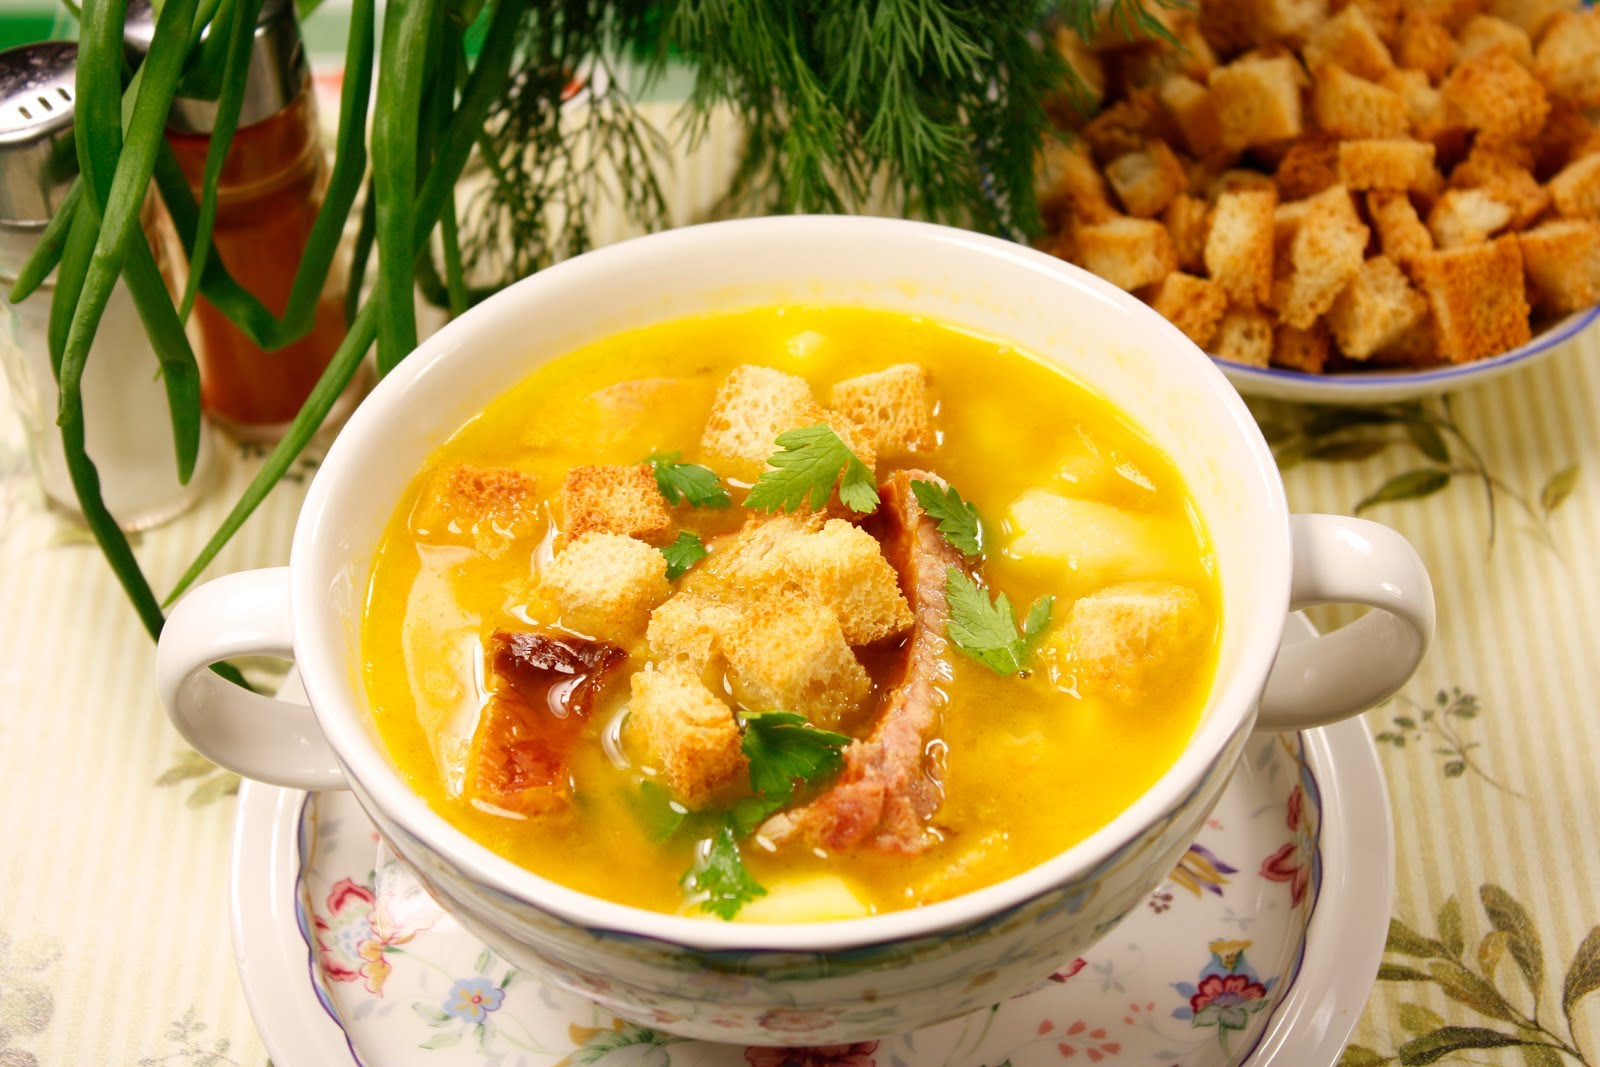 рецепт супа в мультиварке полярис 0517